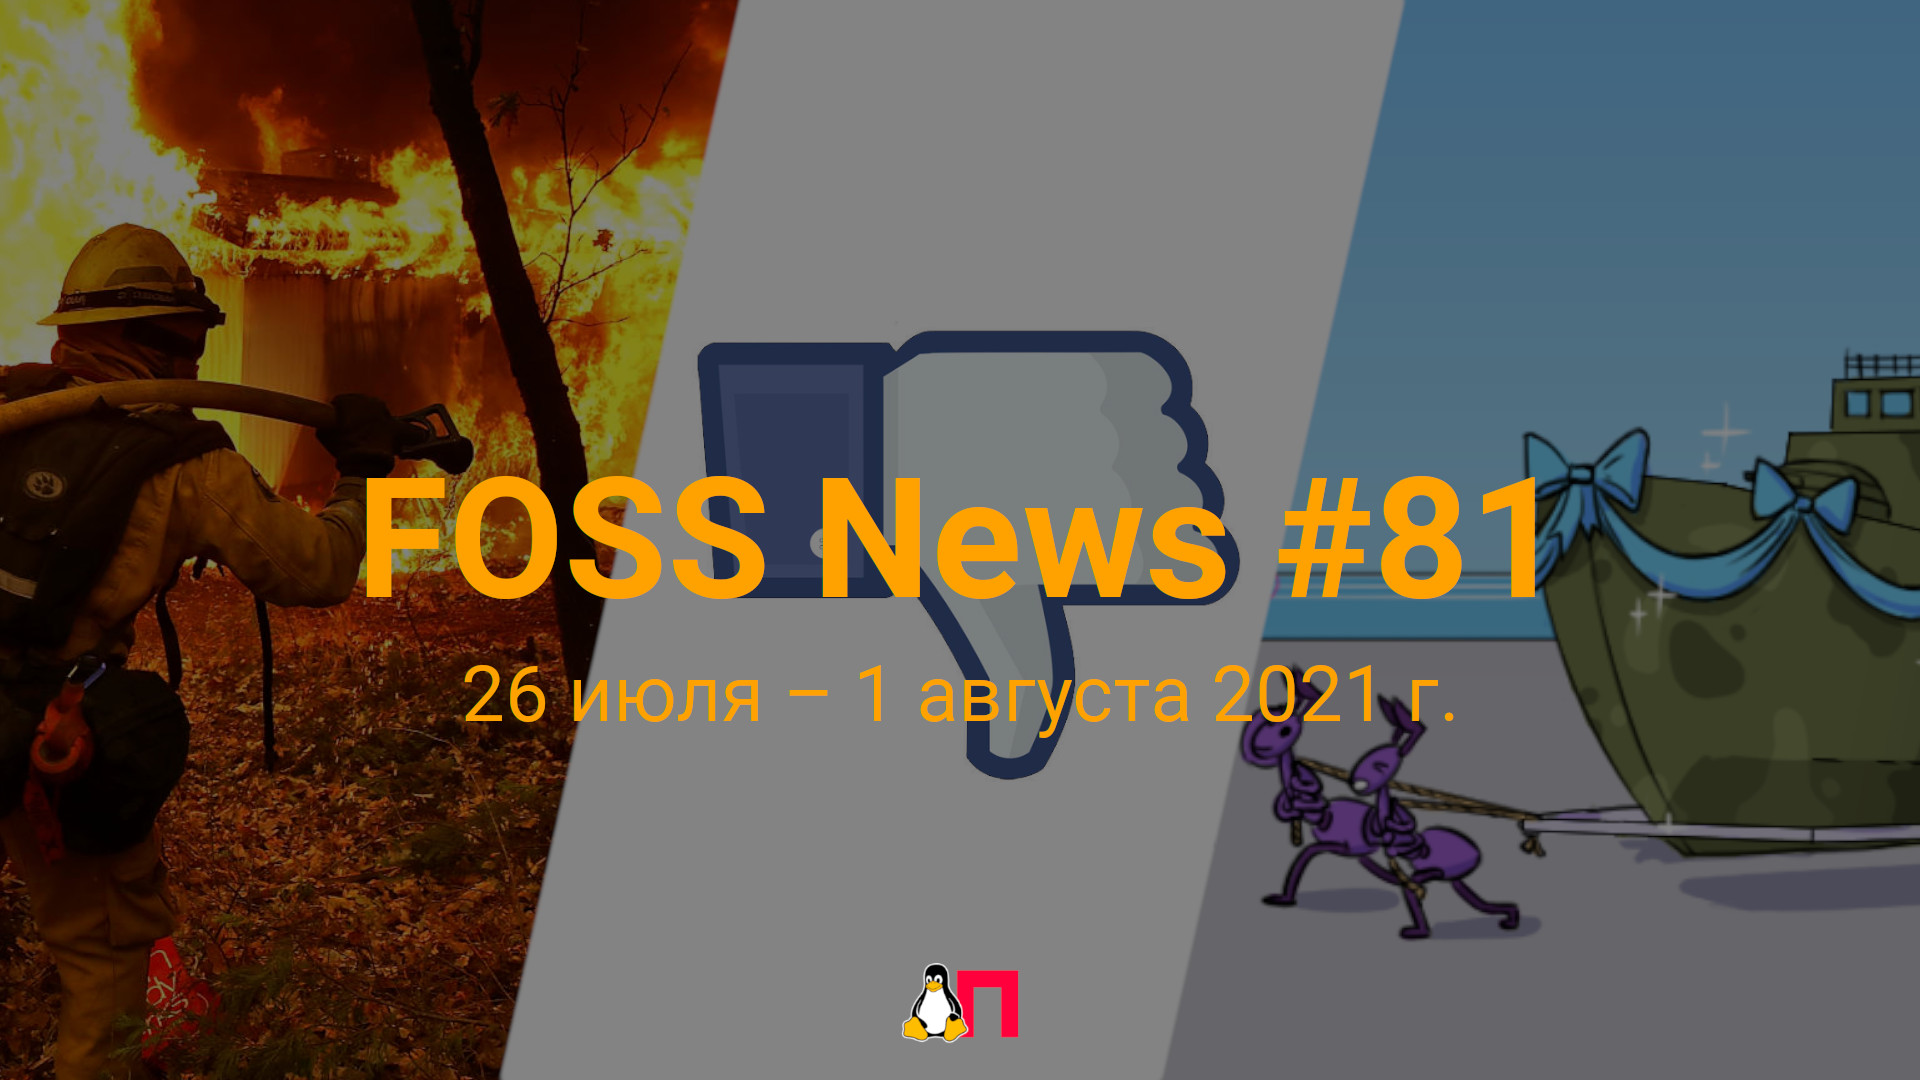 FOSS News №81 – дайджест материалов о свободном и открытом ПО за 26 июля — 1 августа 2021 года